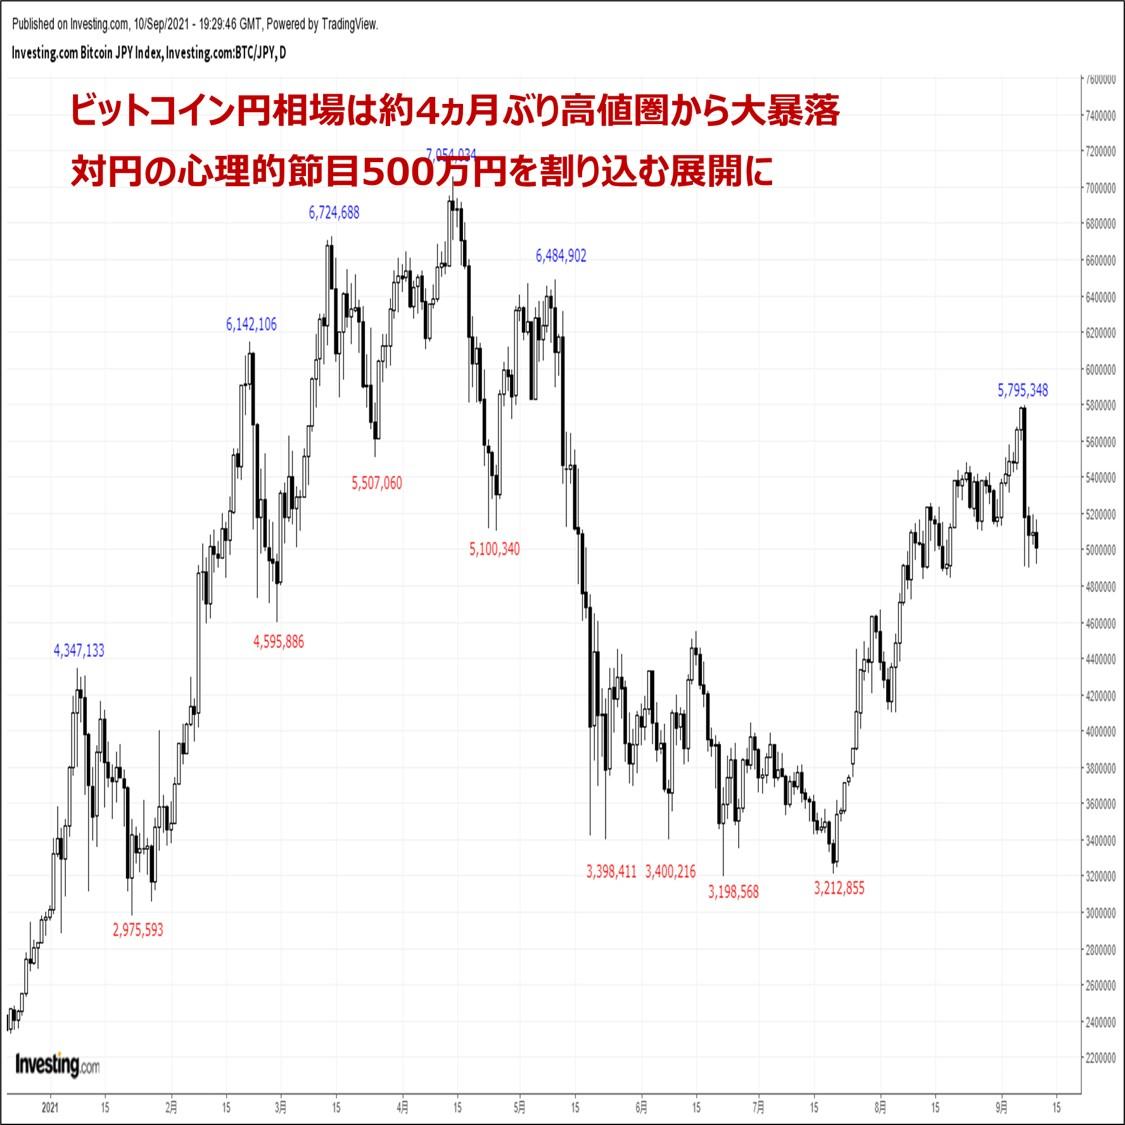 ビットコインの価格分析:『約4ヵ月半ぶり高値圏から大暴落。二番底形成後の反発を想定』(9/11)